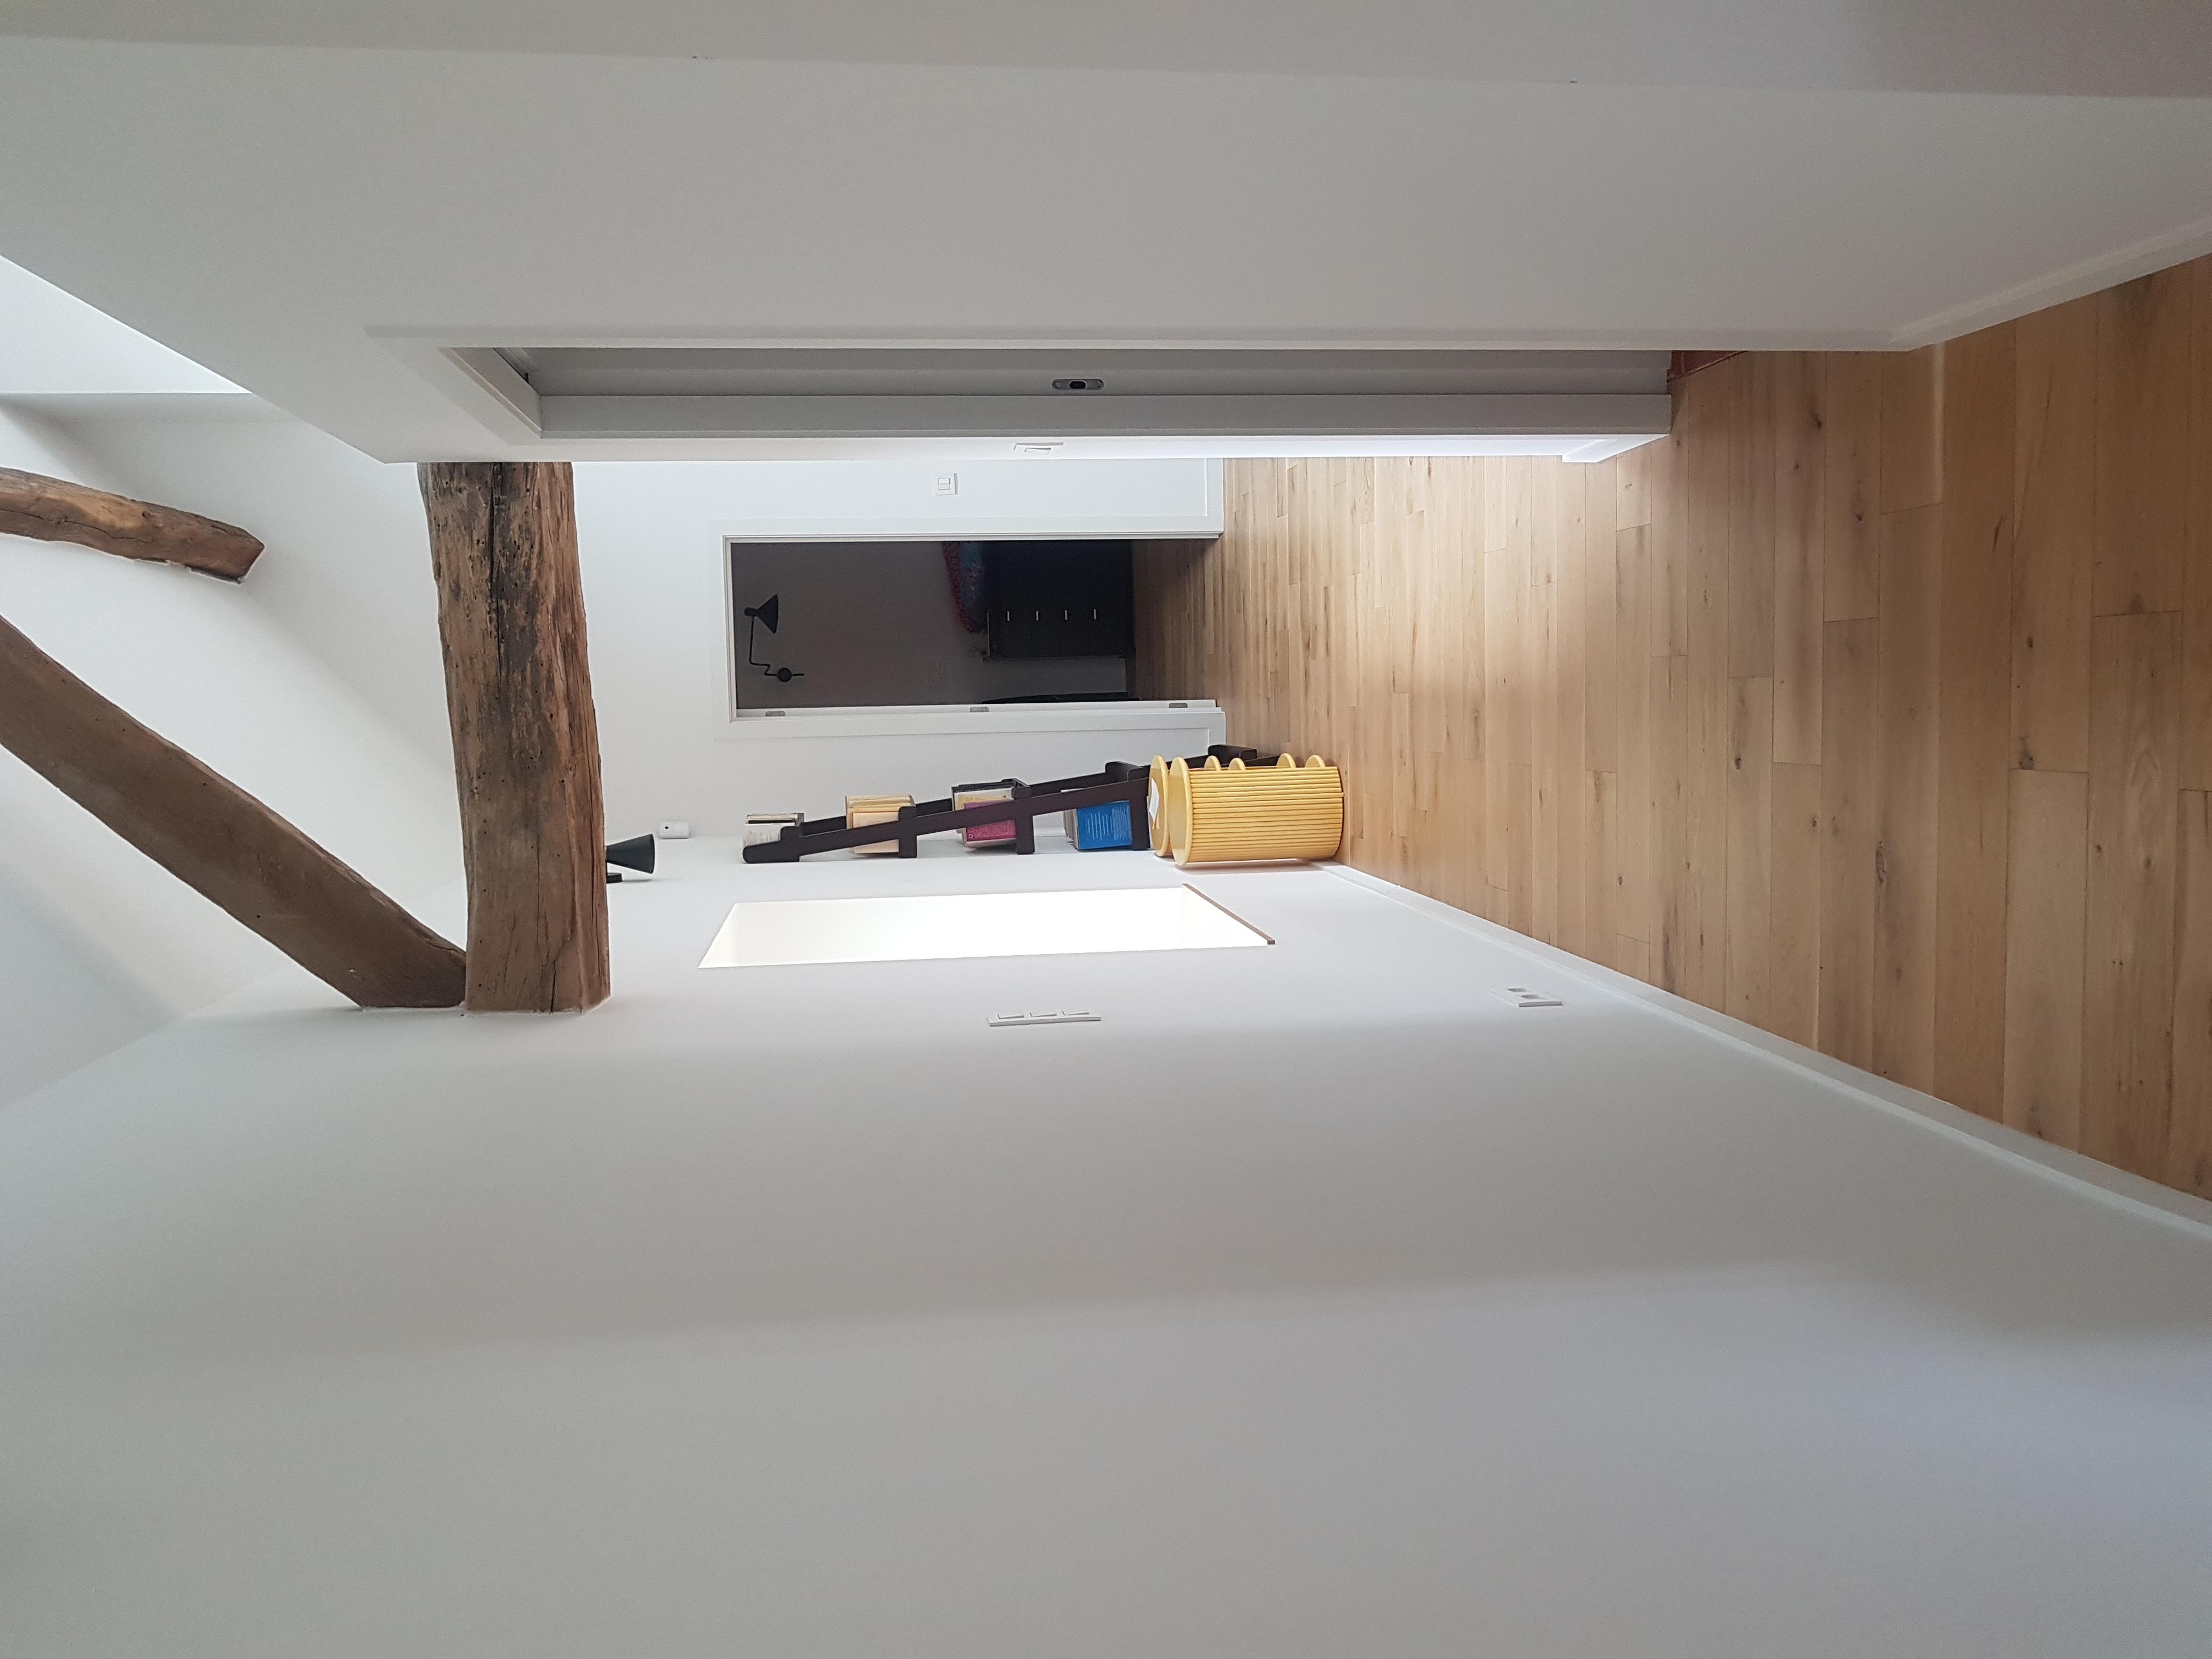 Escalier vers chambre et cuisine/salon